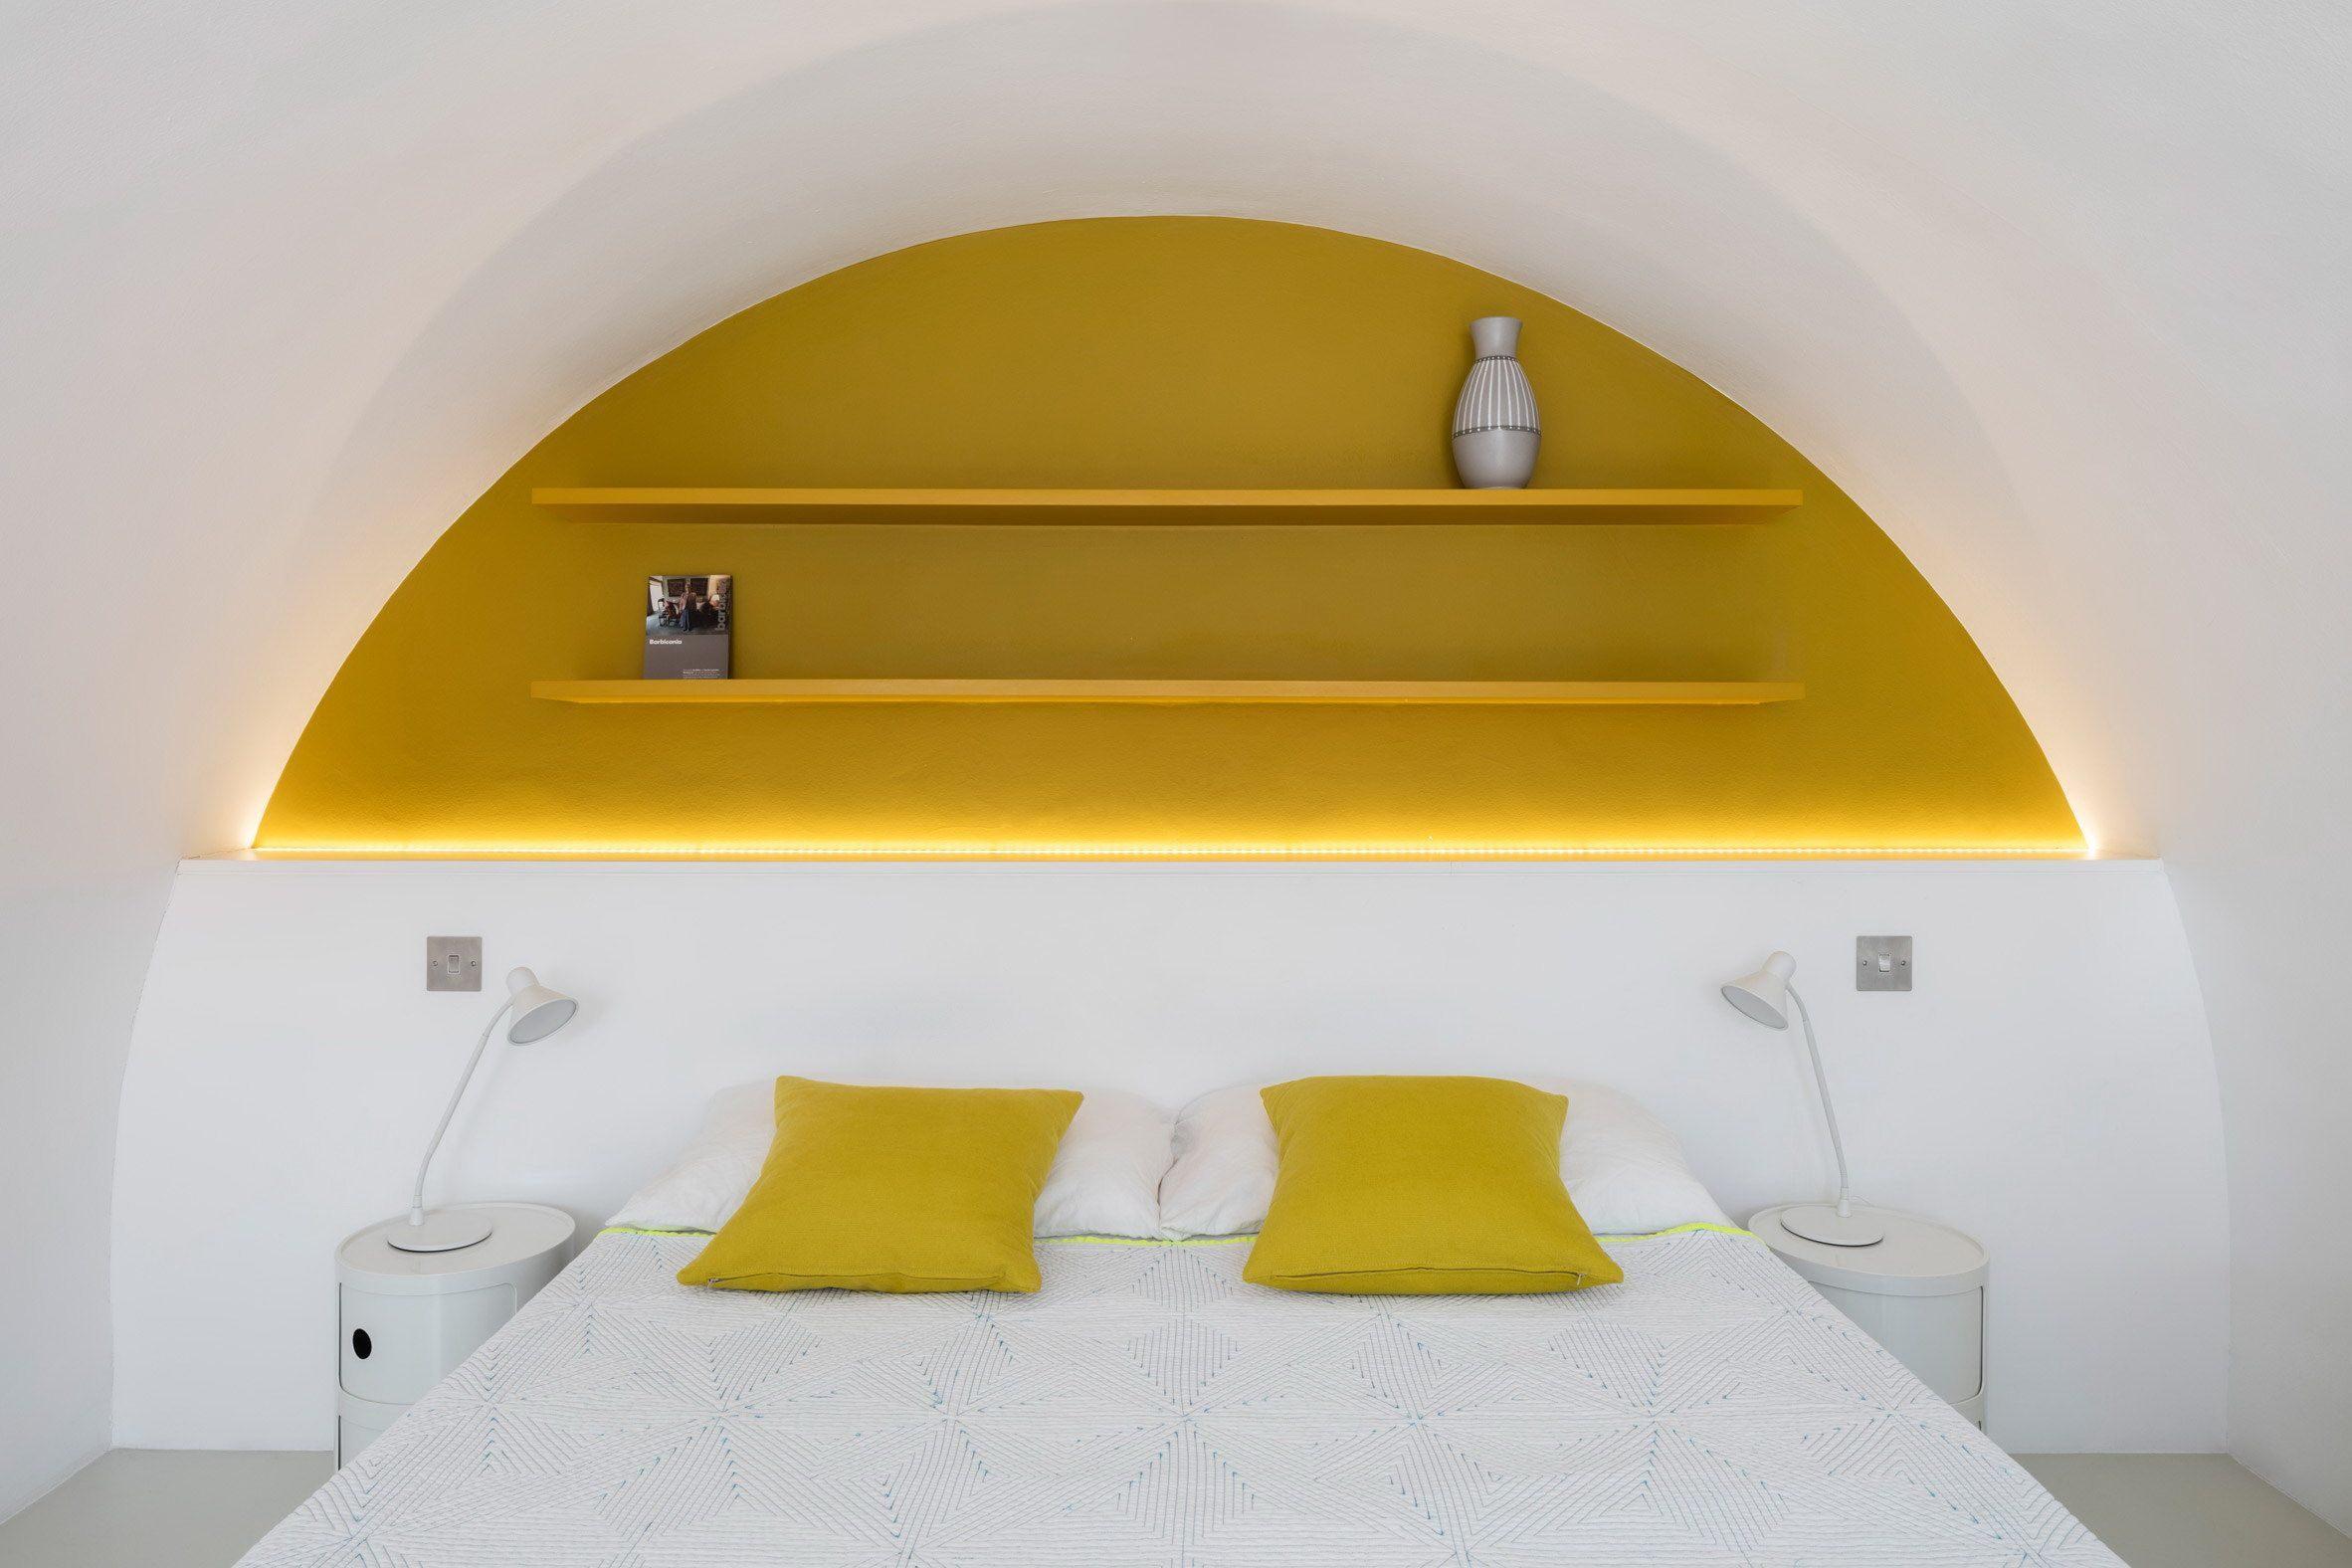 Tete De Lit Etagere Agréable Ben Johnson House by Emulsion Architects